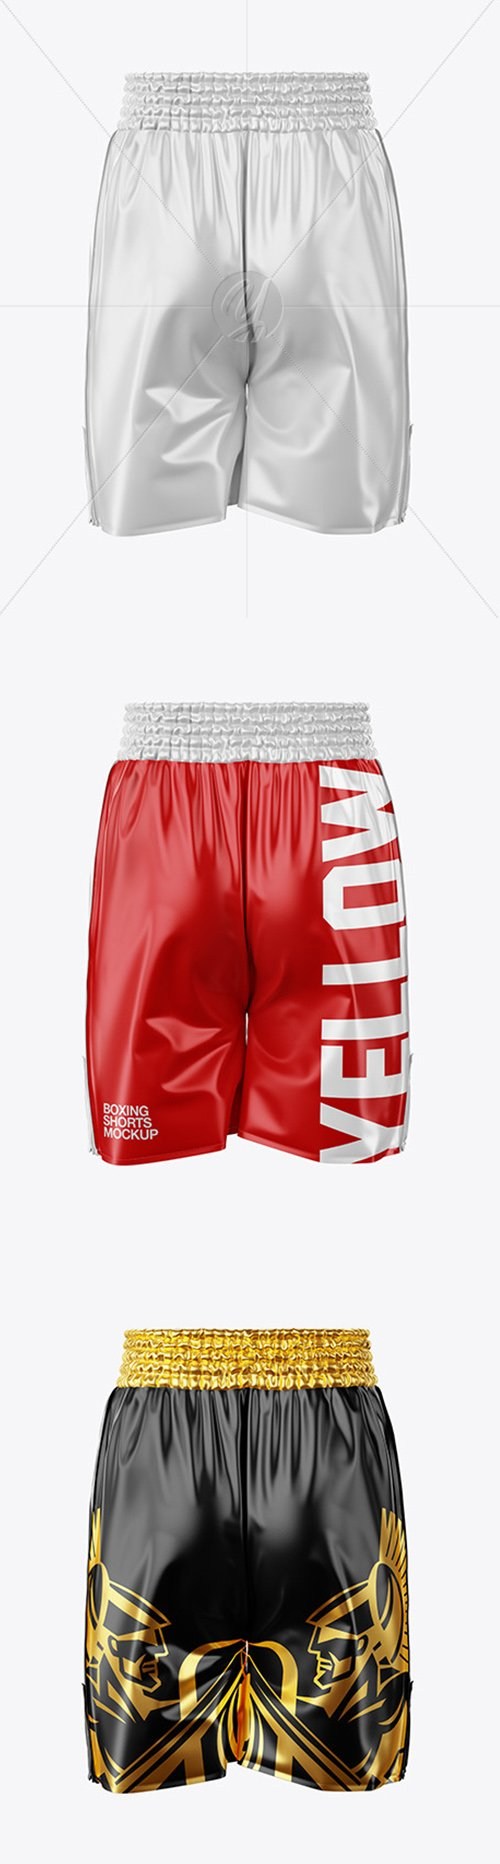 Boxing Shorts Mockup - Back View 49227